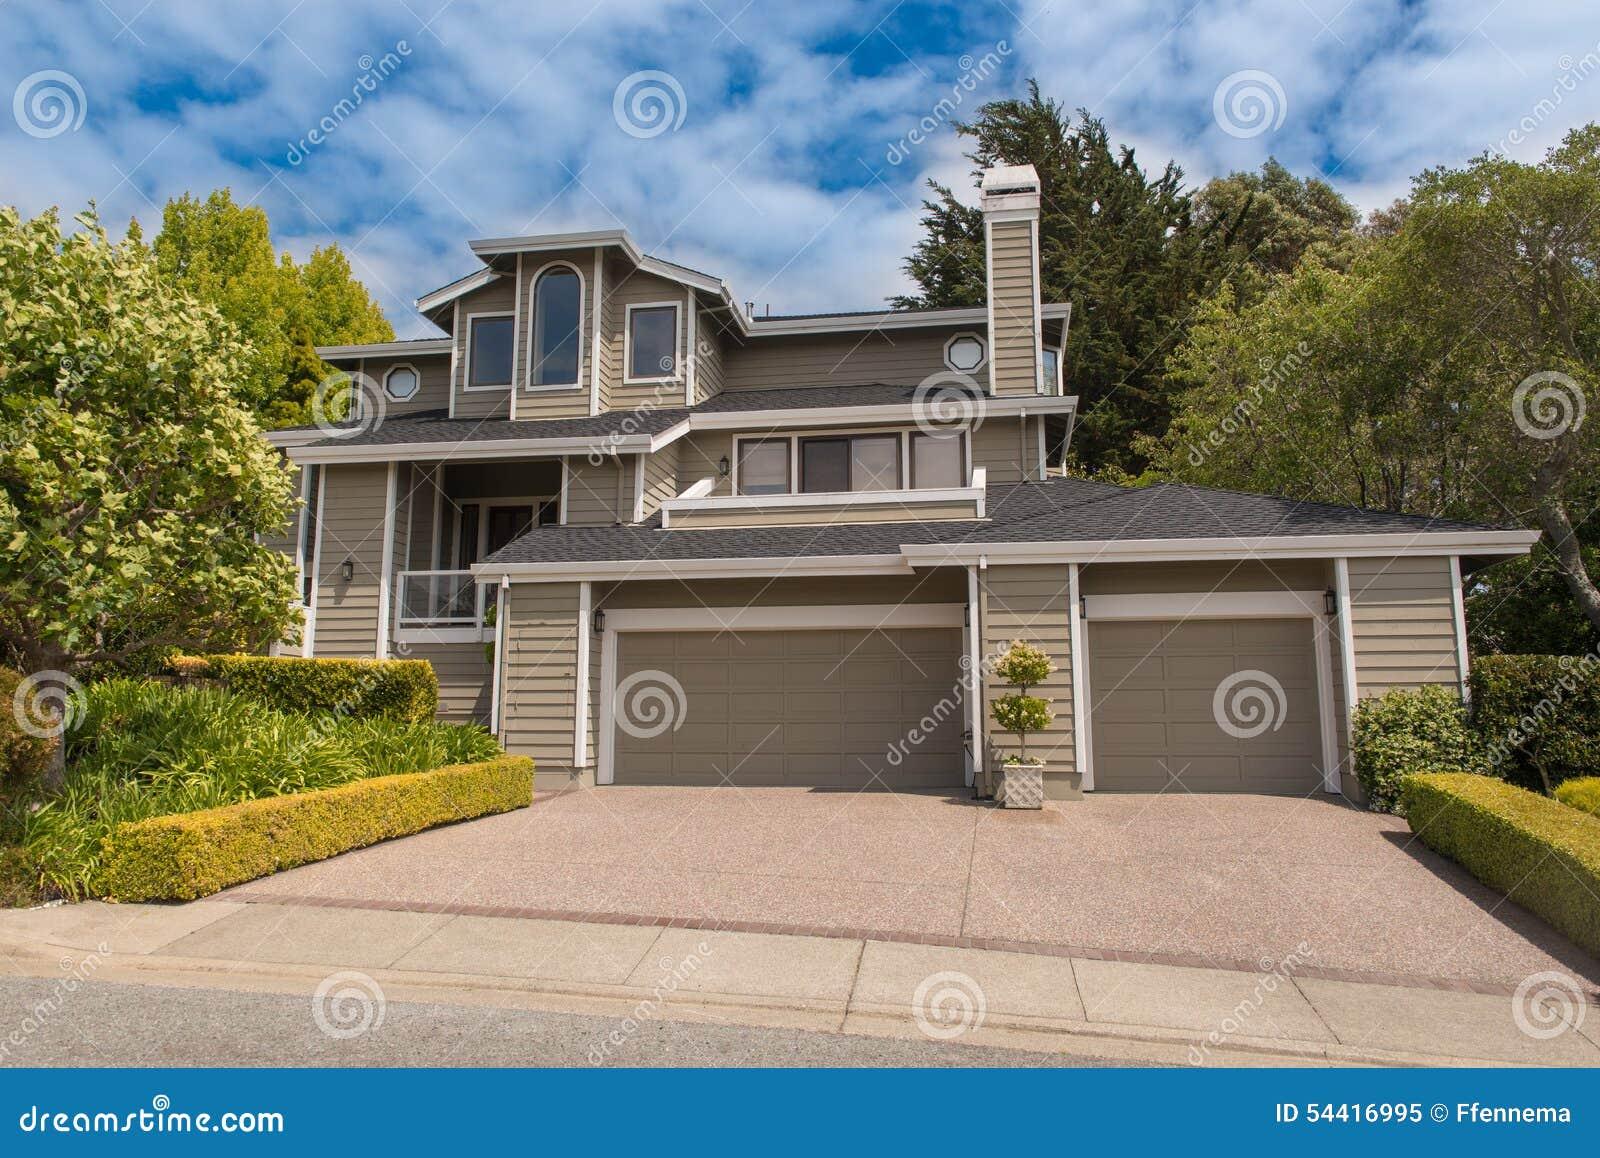 Huis van de twee verhaal het enige familie met oprijlaan stock afbeelding afbeelding 54416995 - Huis van het wereldkantoor newport ...